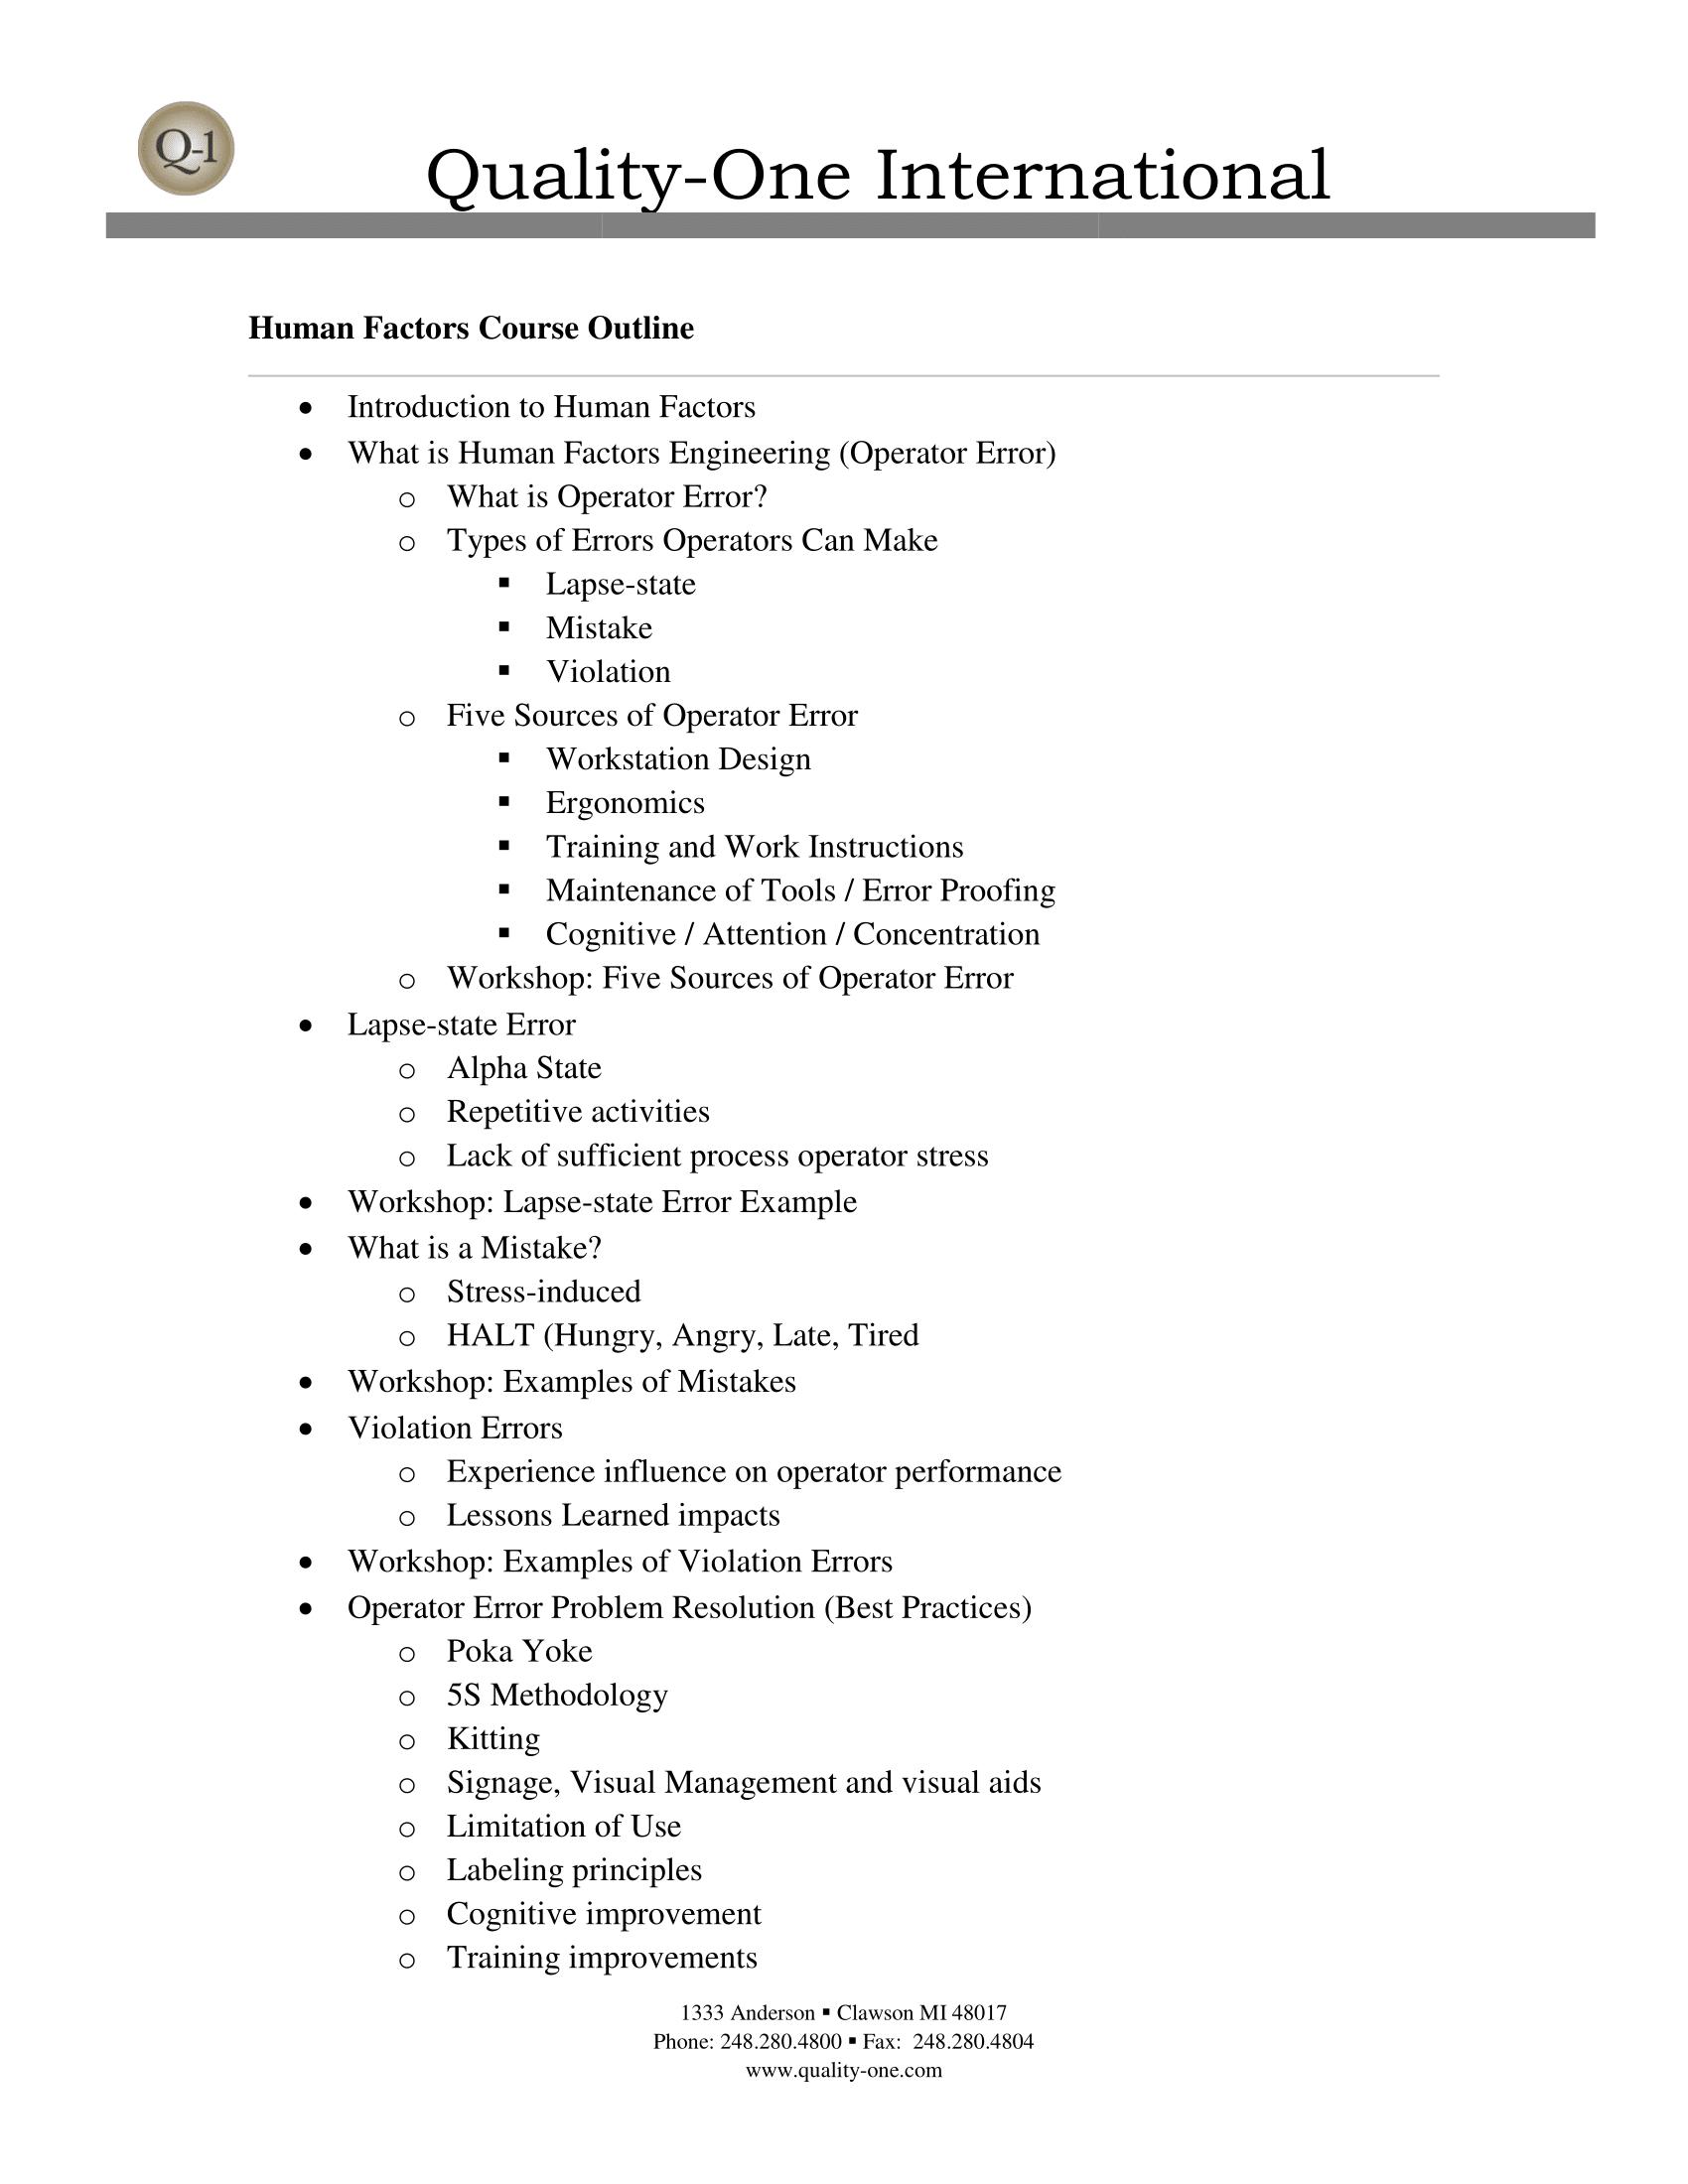 Human Factors Course Outline